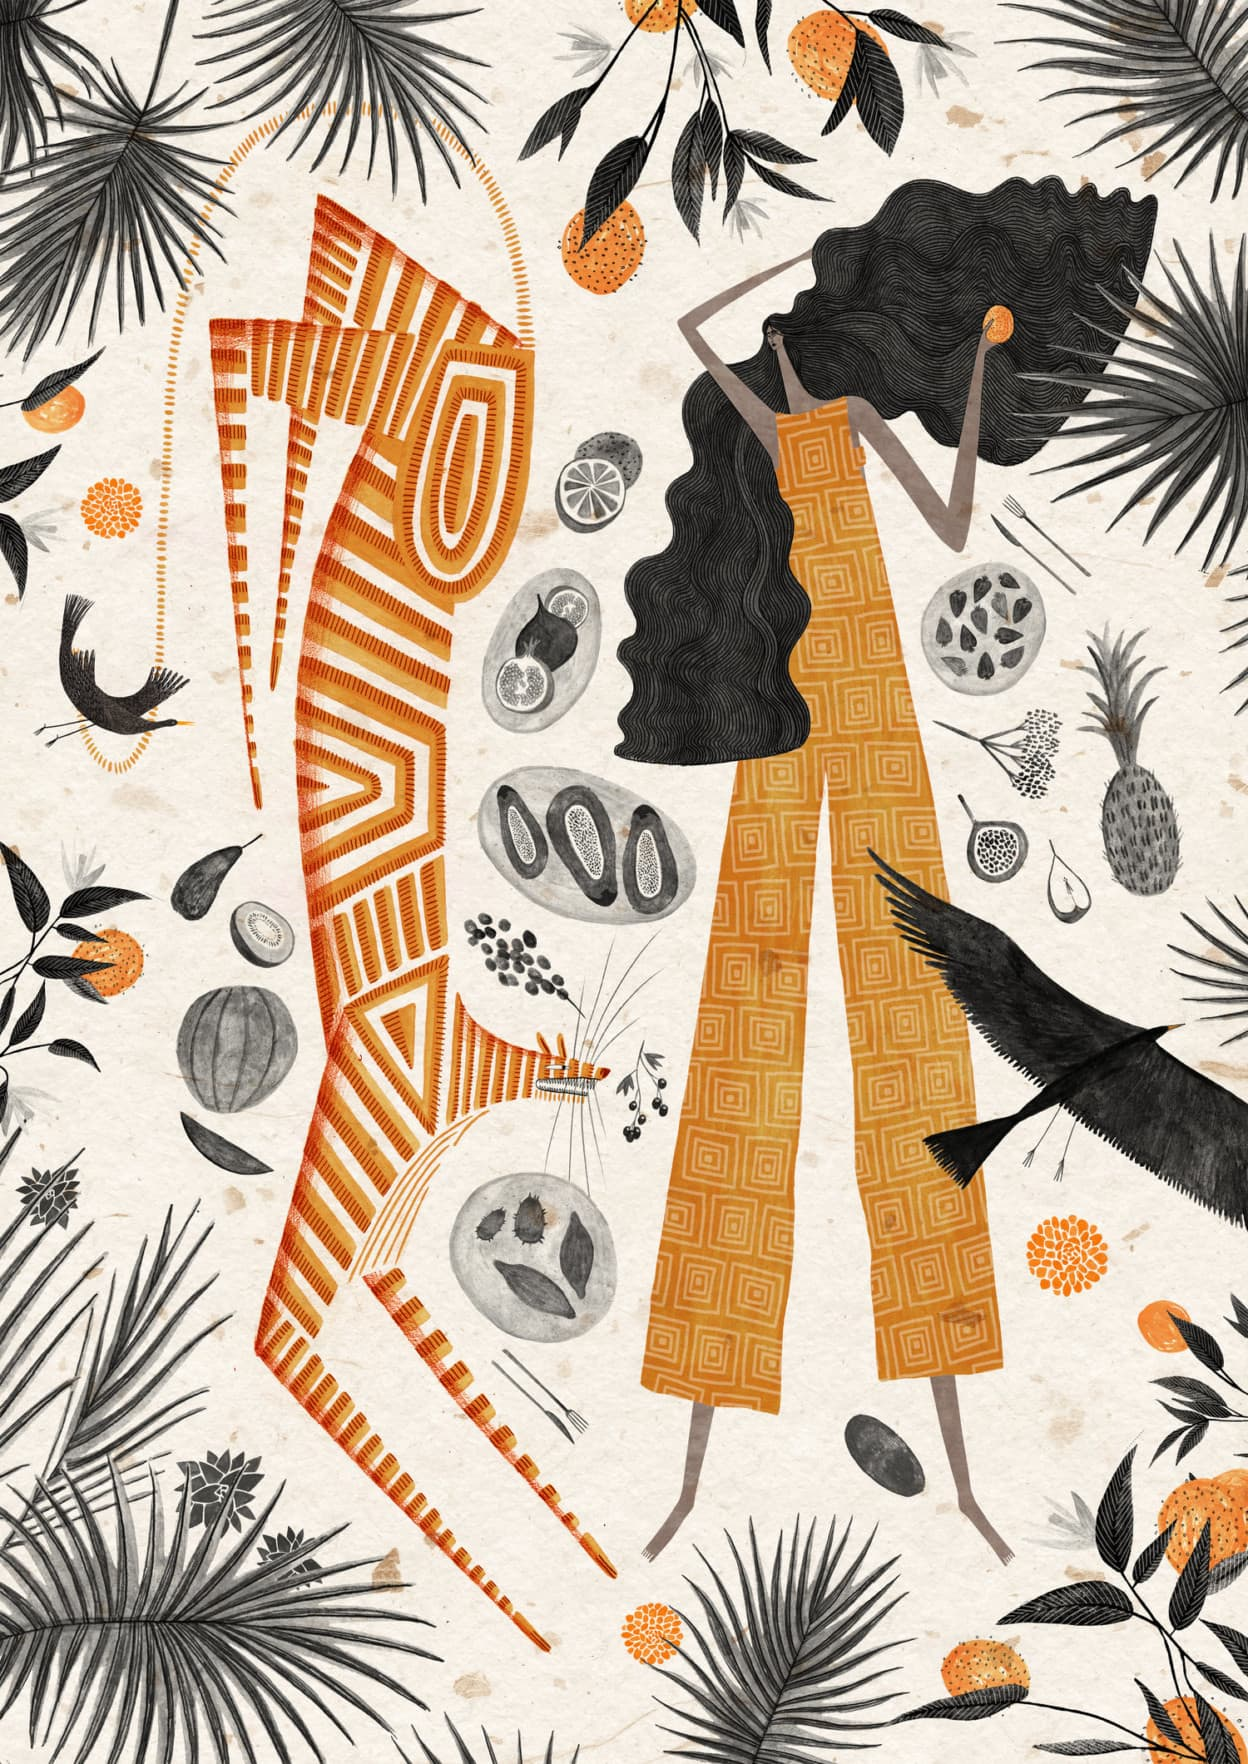 Rosanna Tasker Illustrationen